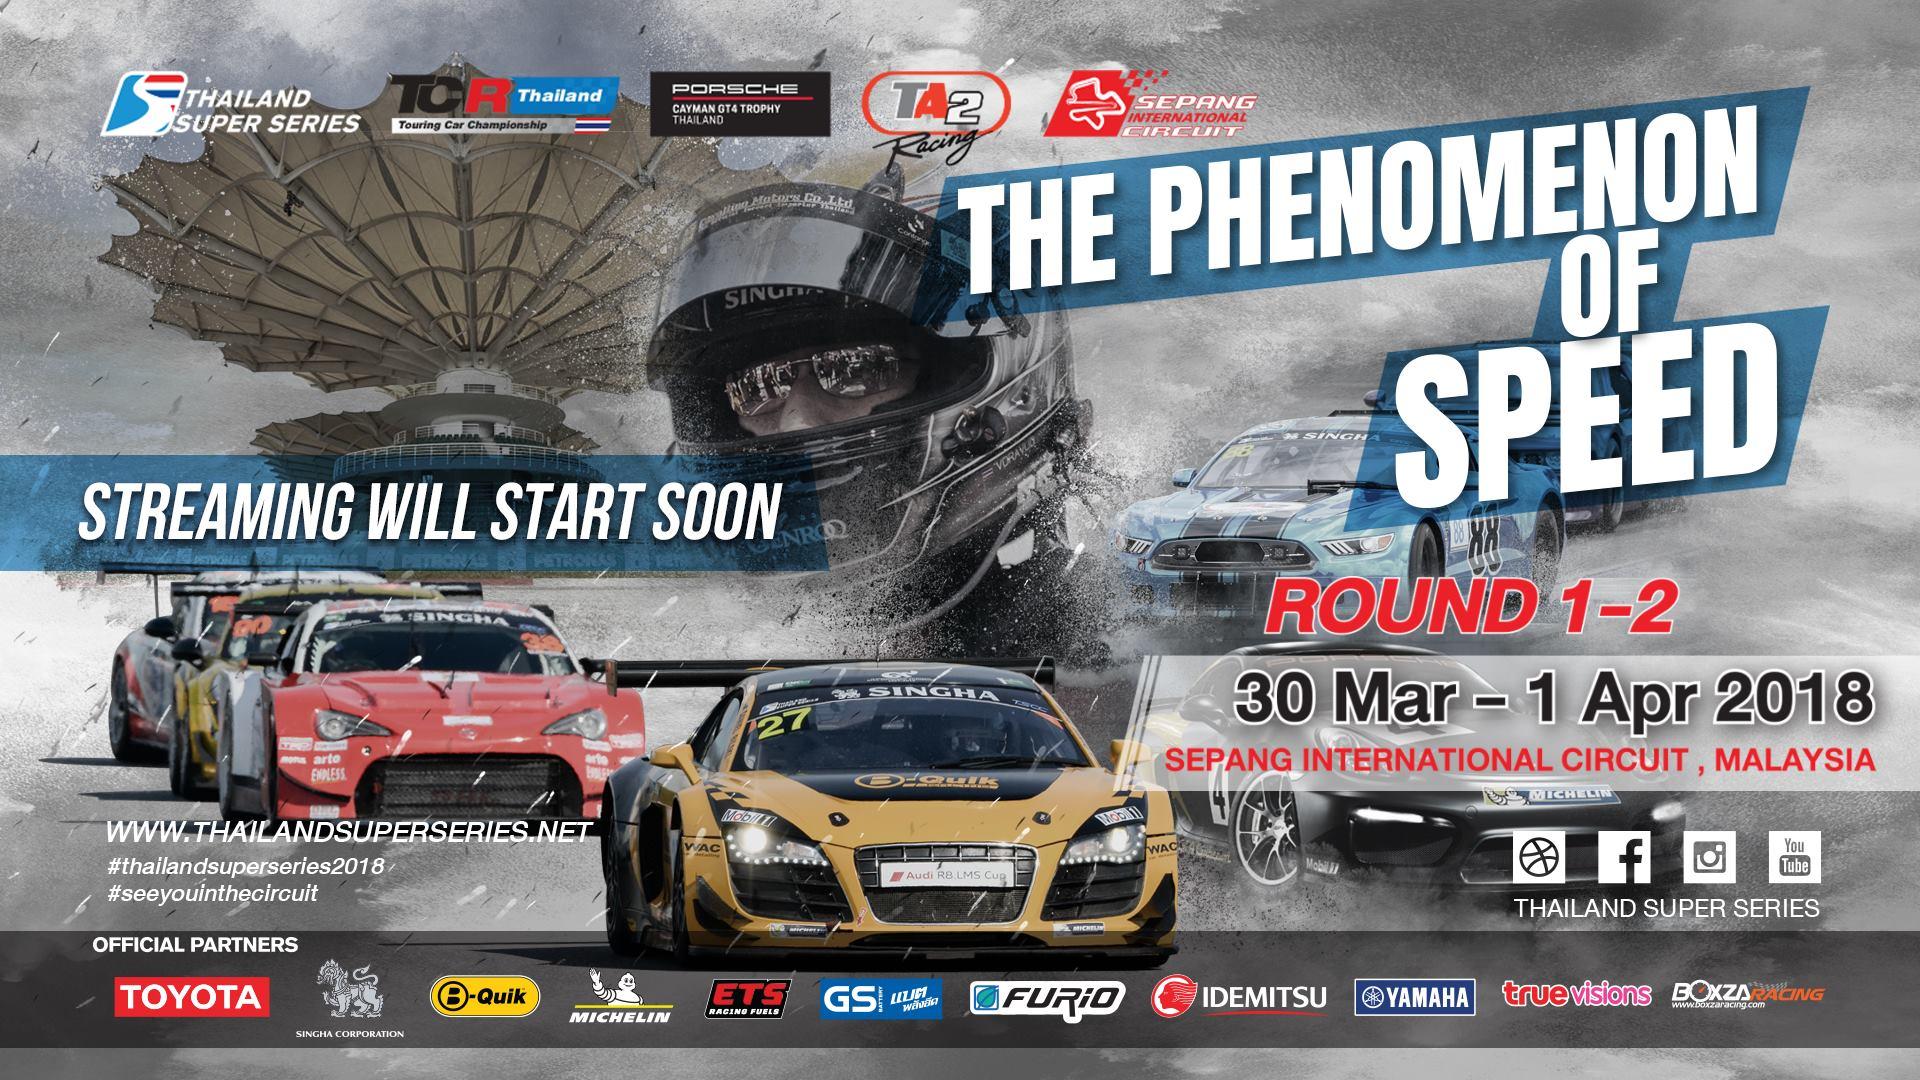 ชมย้อนหลัง ThailandSuperSeries 2018 Round 1-2@Sepang International Circuit